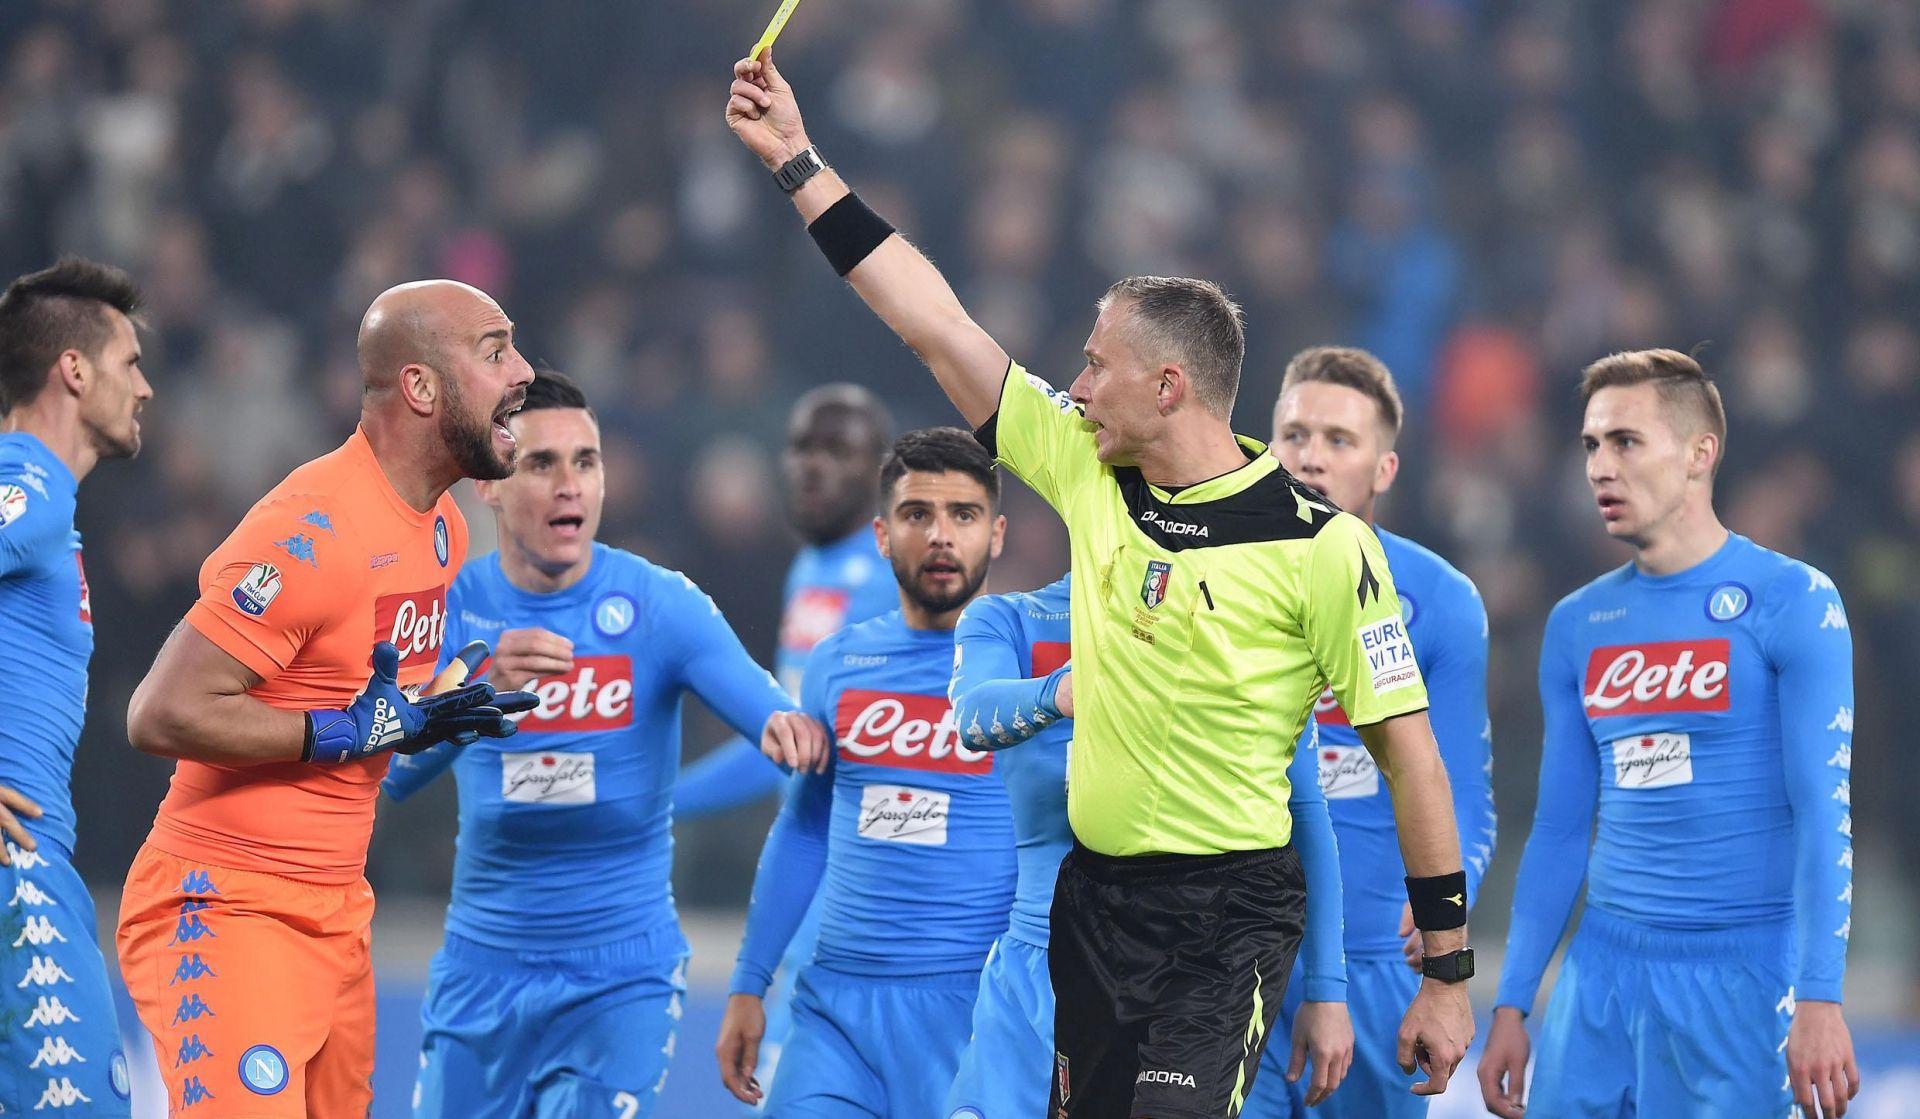 SERIE A Mertens dvostruki strijelac u pobjedi Napolija nad Romom, Rog odigrao cijelu utakmicu